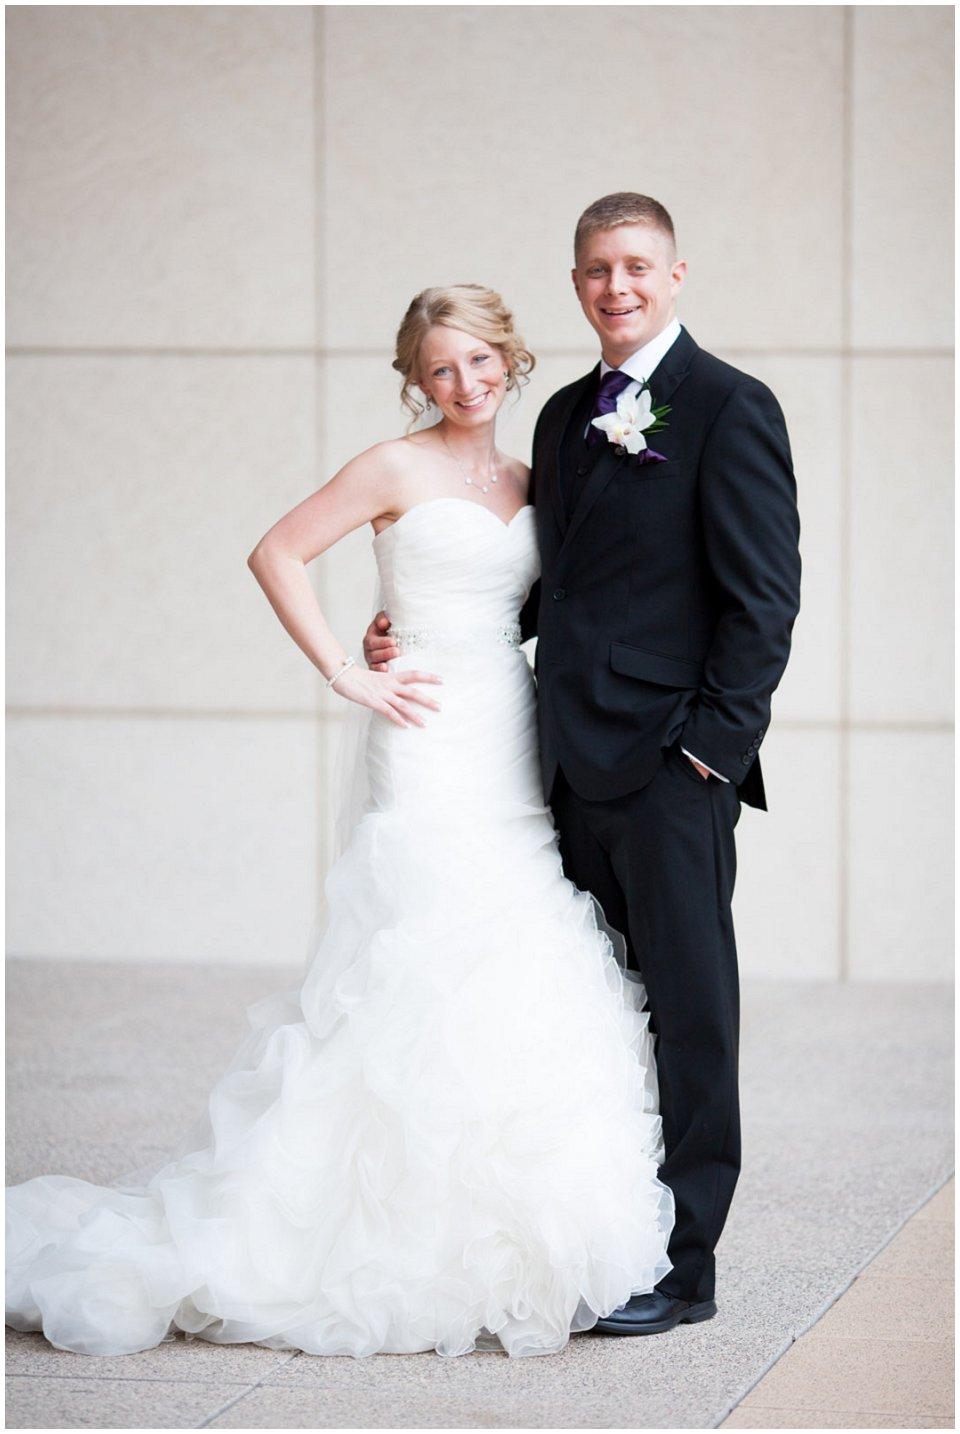 Omaha_Wedding_Doubletree_RobertJeanette25.jpg